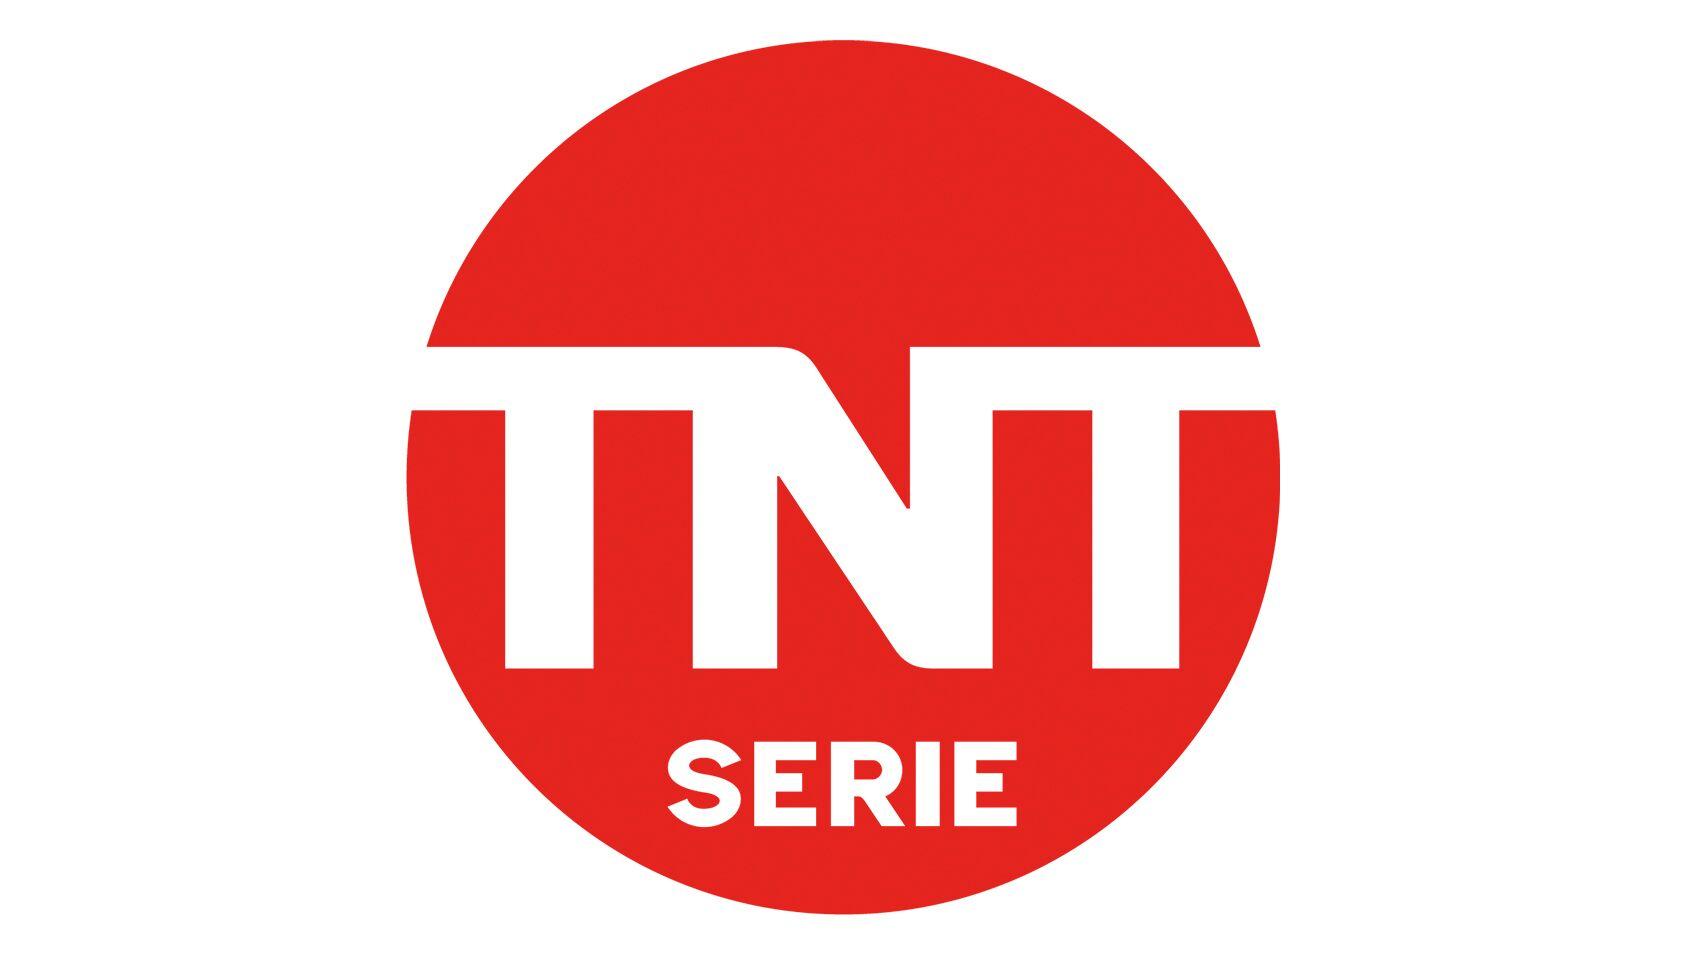 TNT Serie